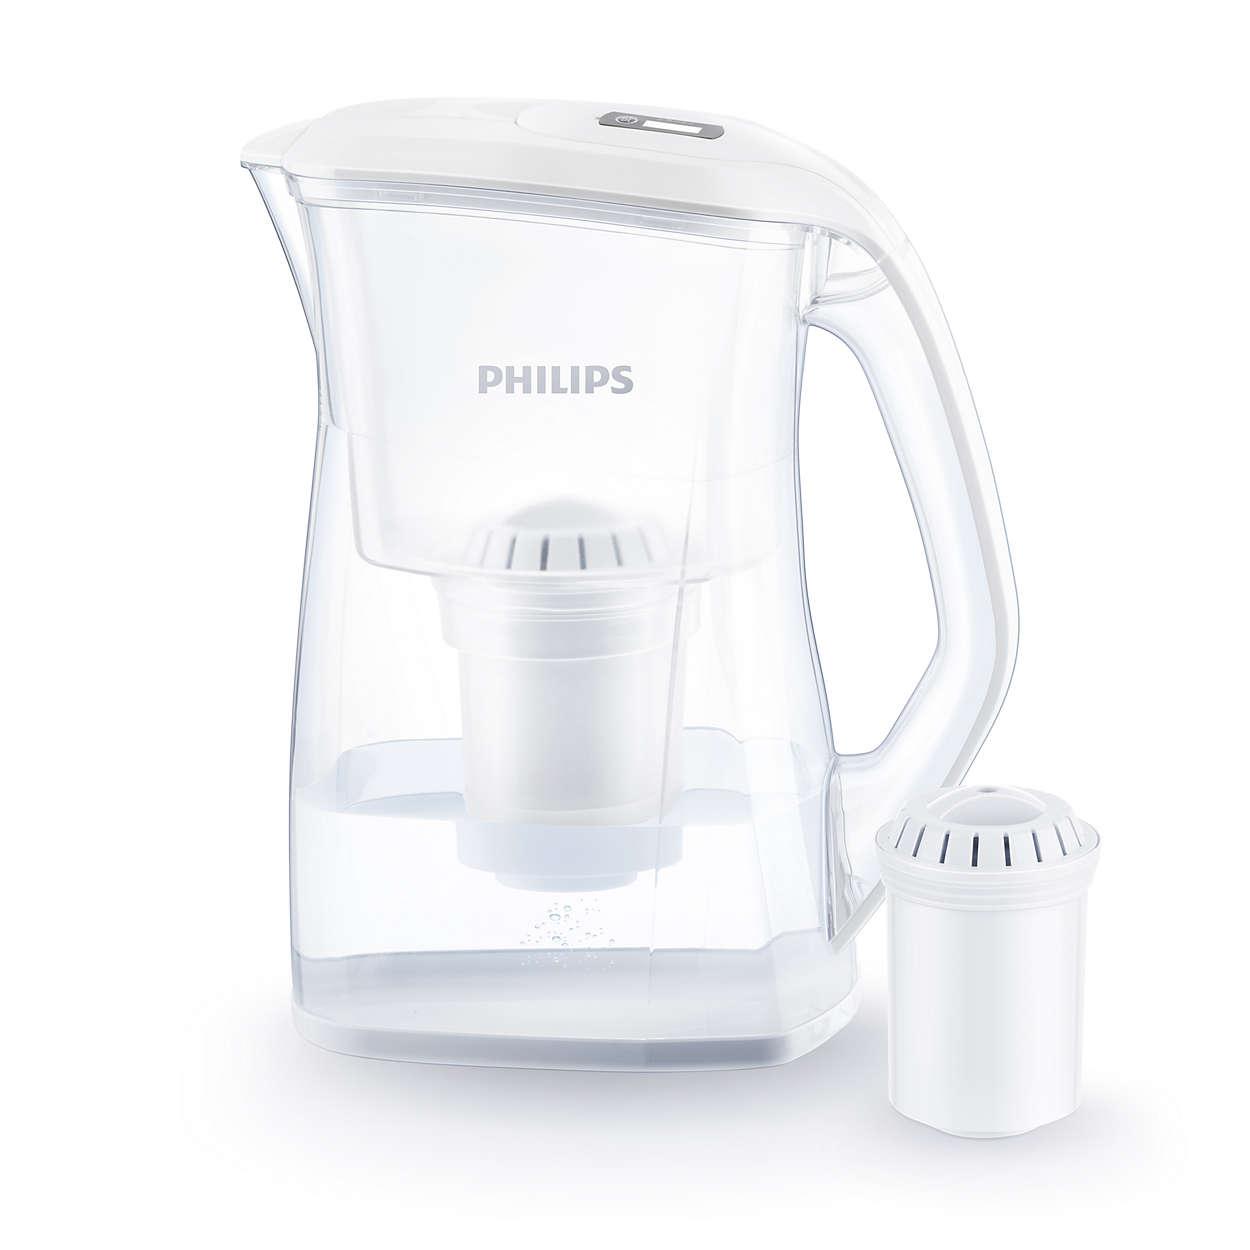 Agua limpia con facilidad